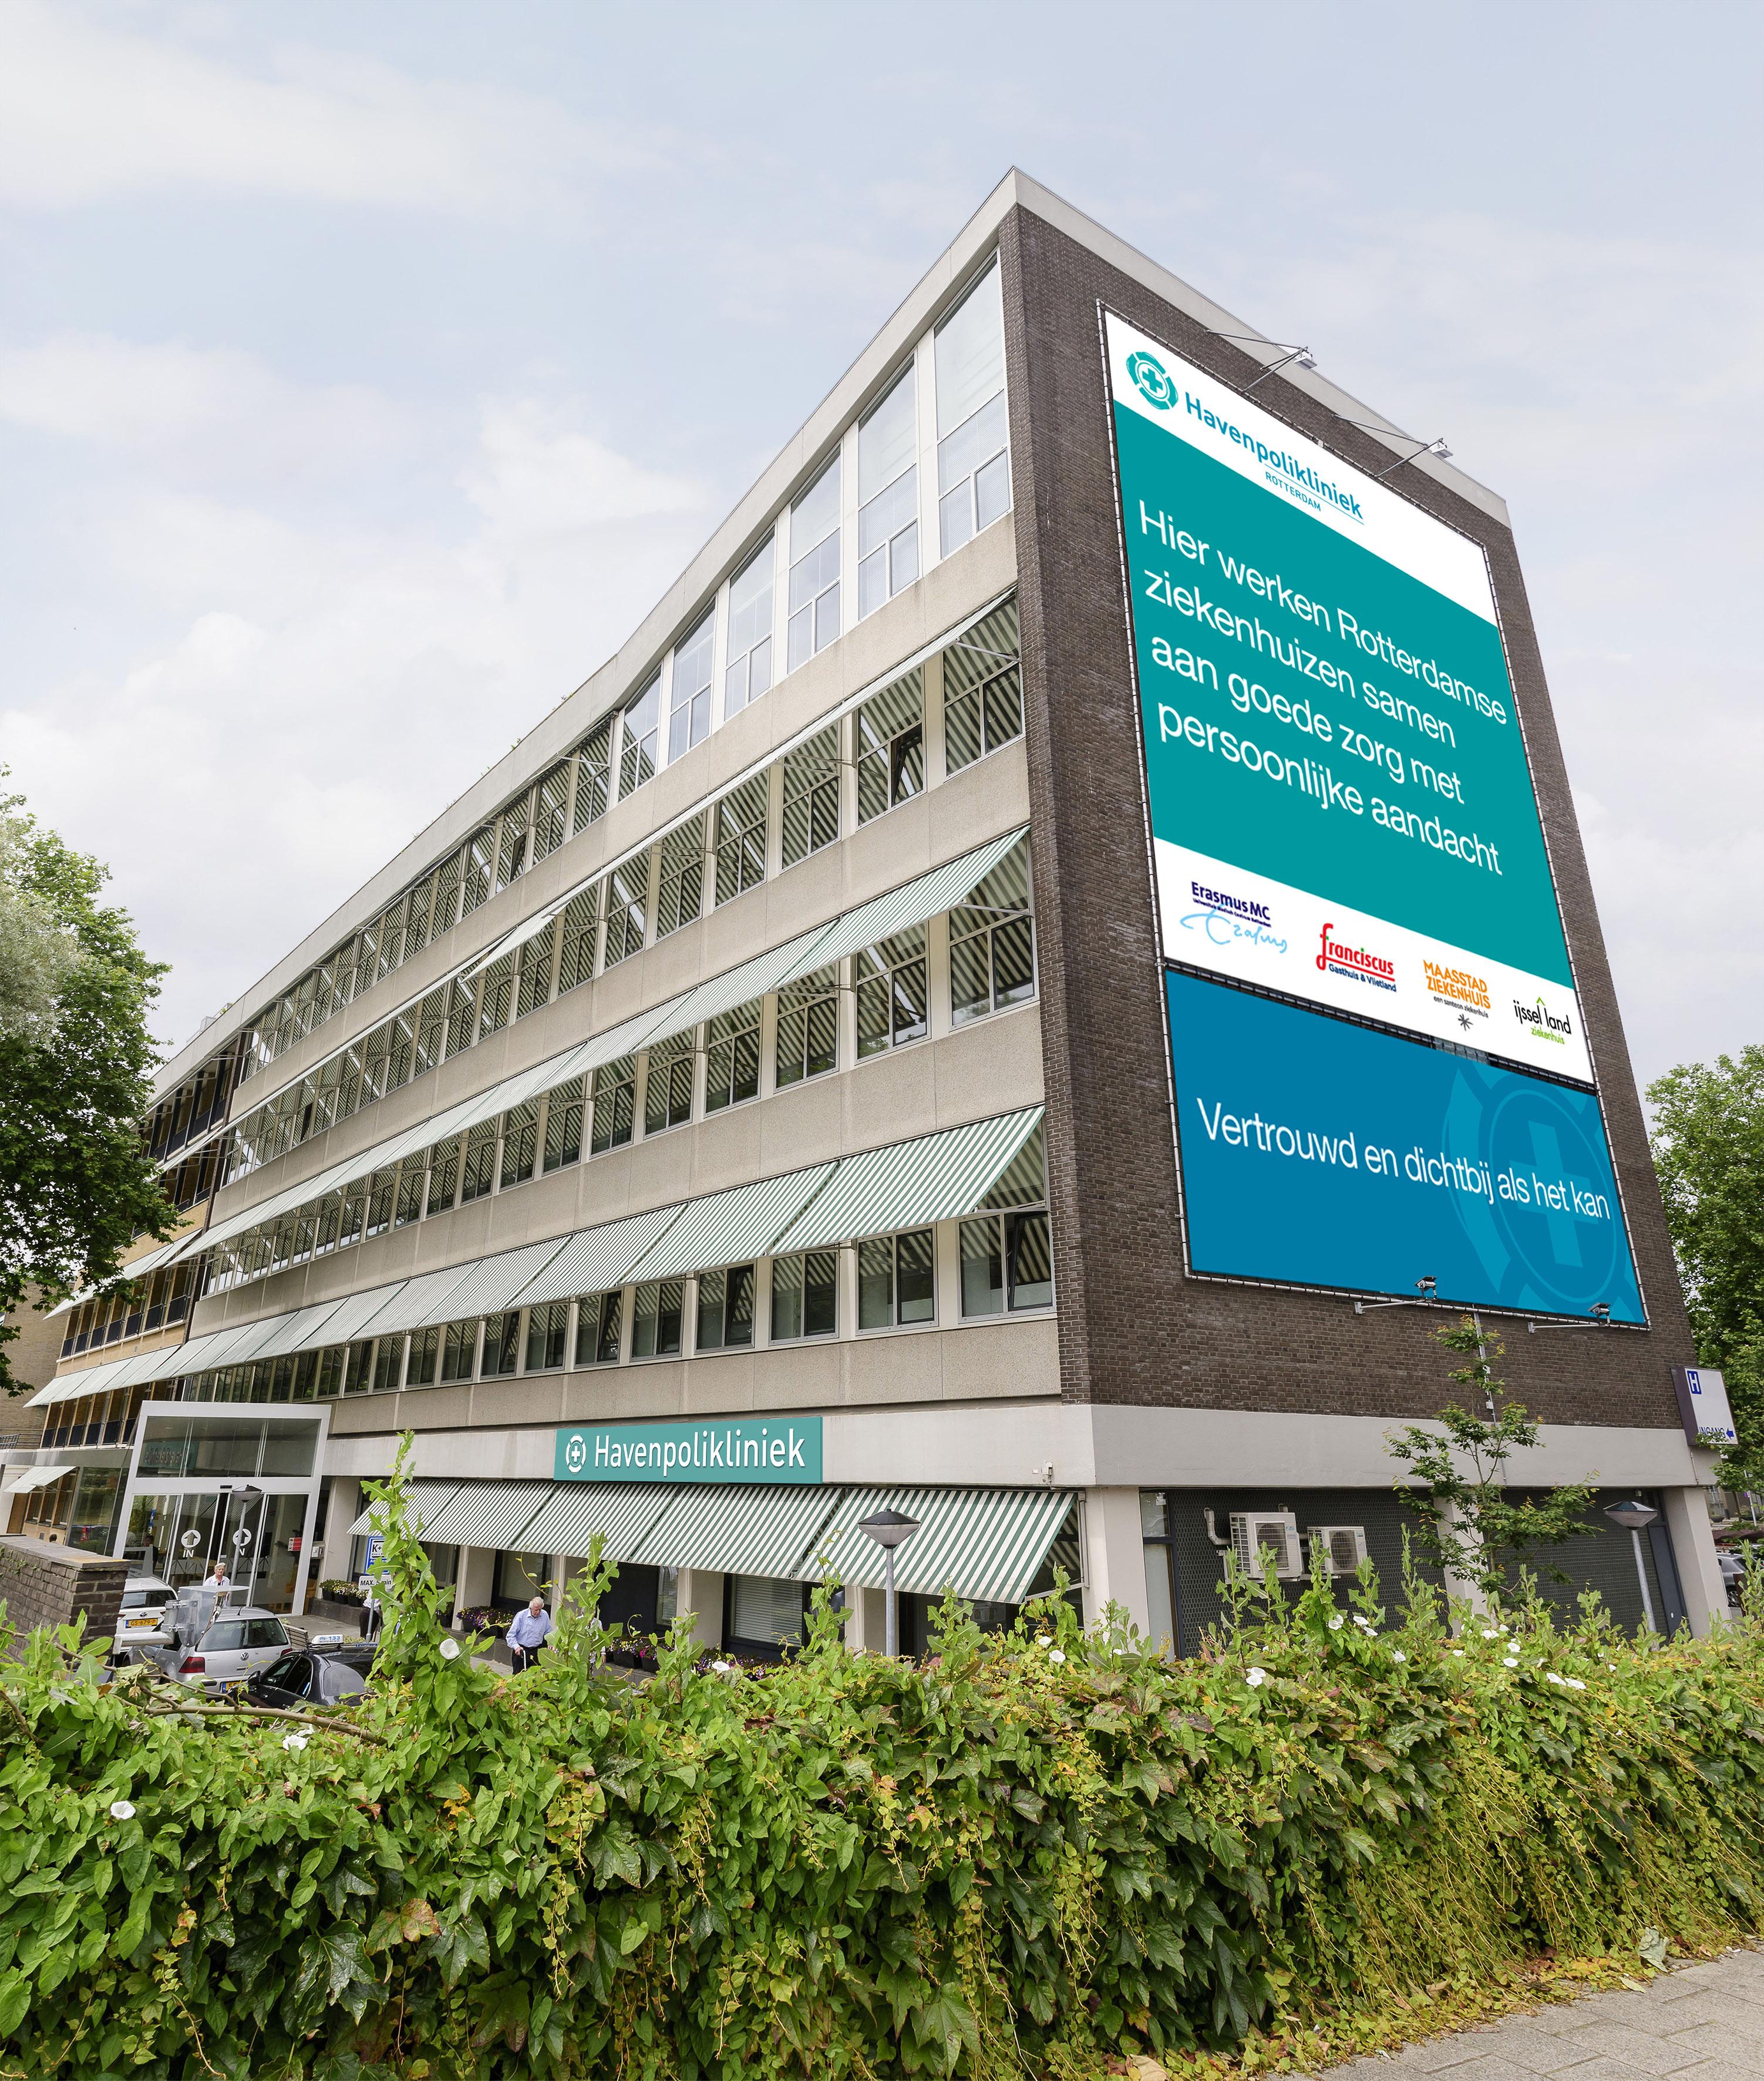 Havenpolikliniek Rotterdam - IJsselland Ziekenhuis